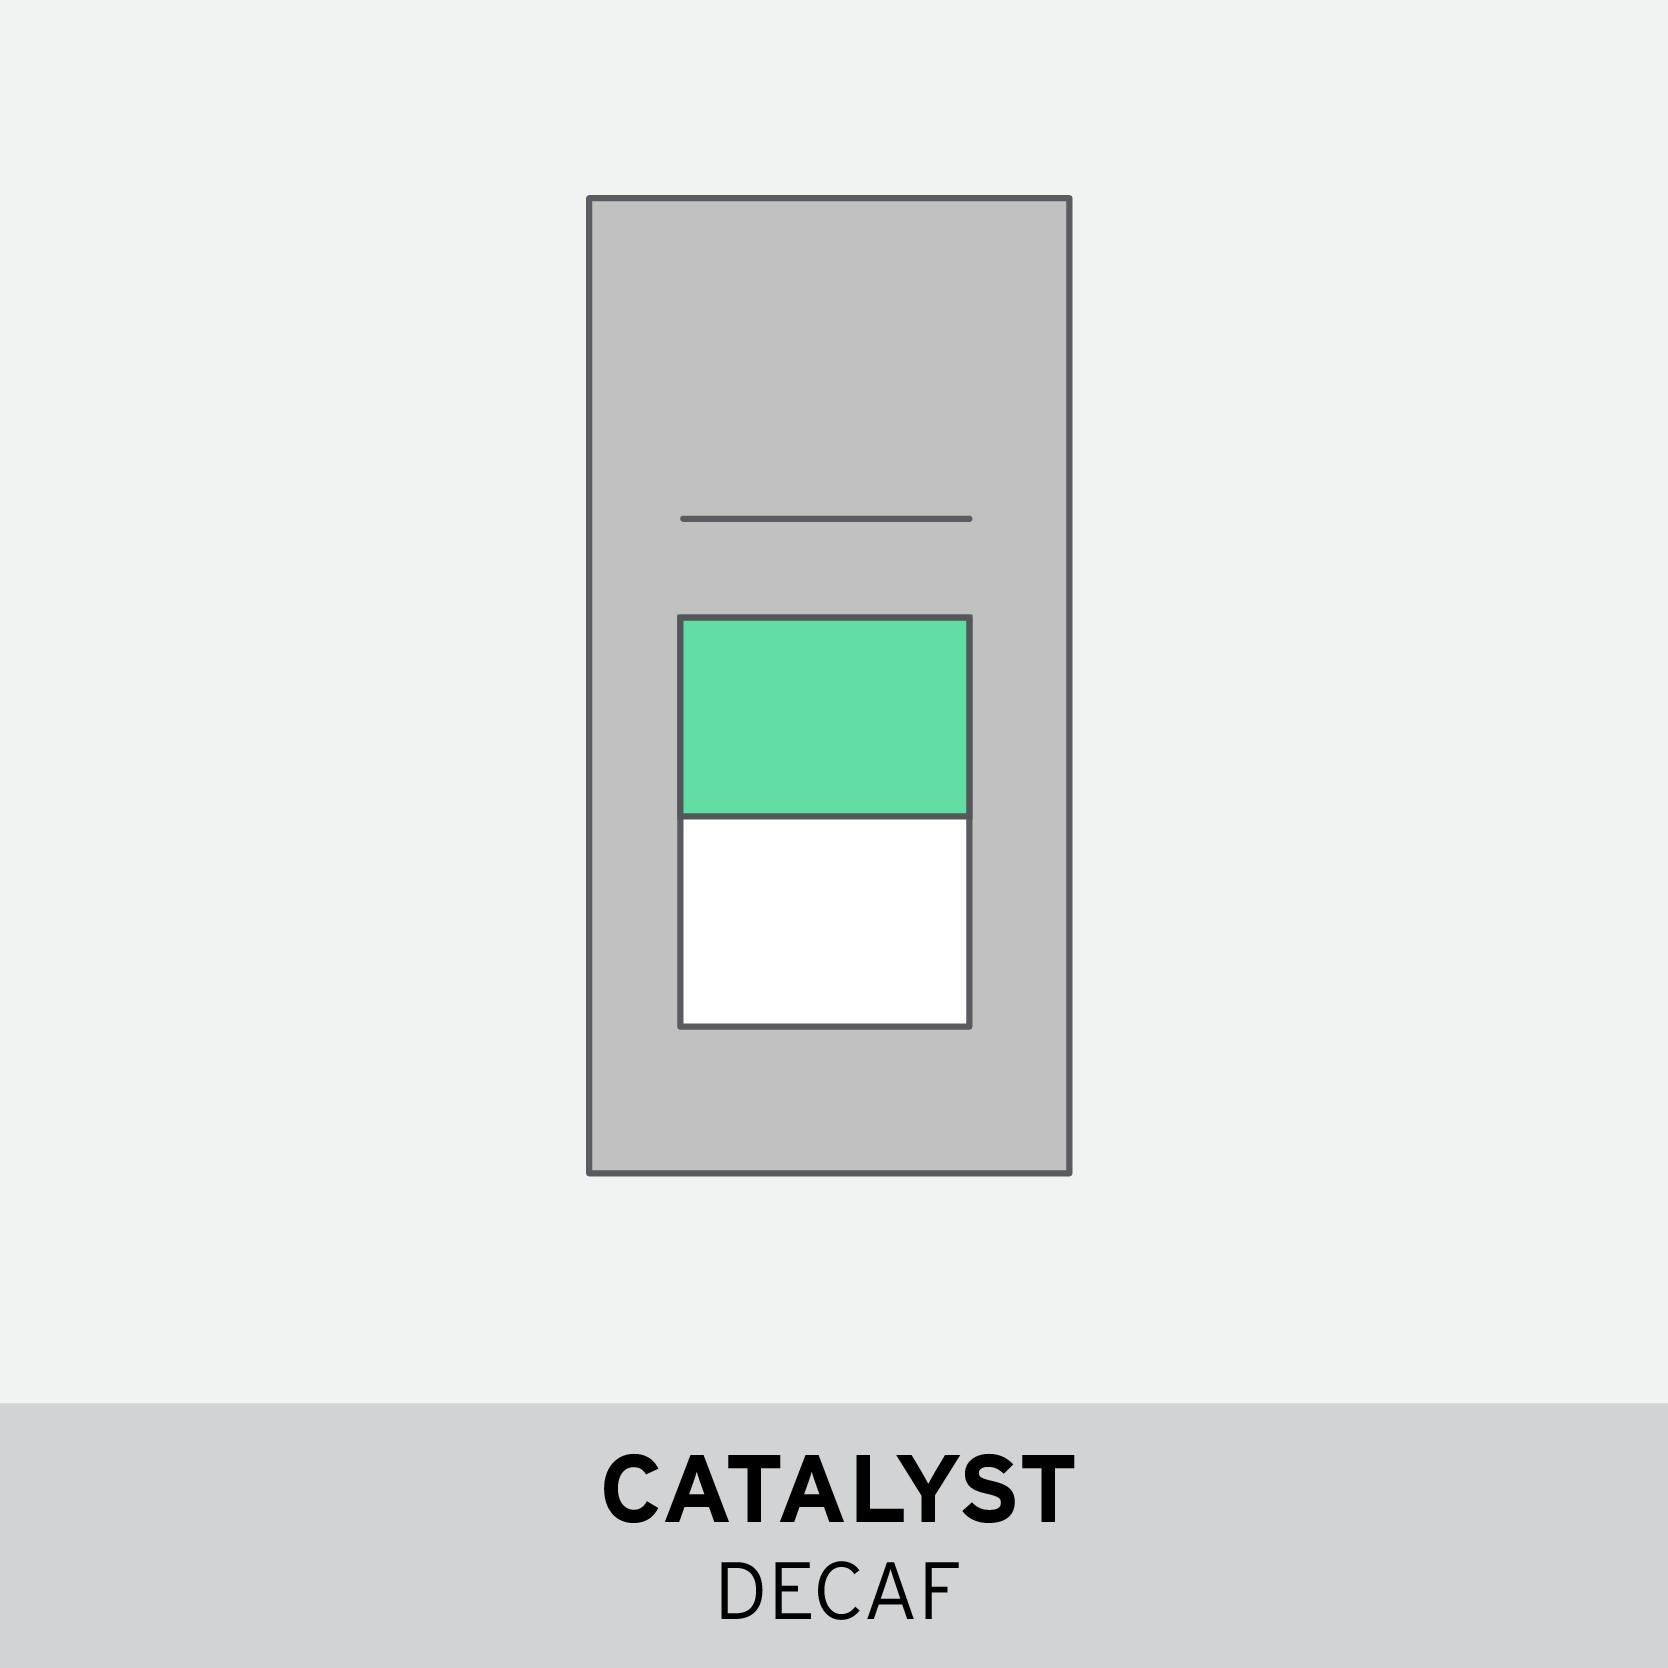 CATALYST PARAMETERS